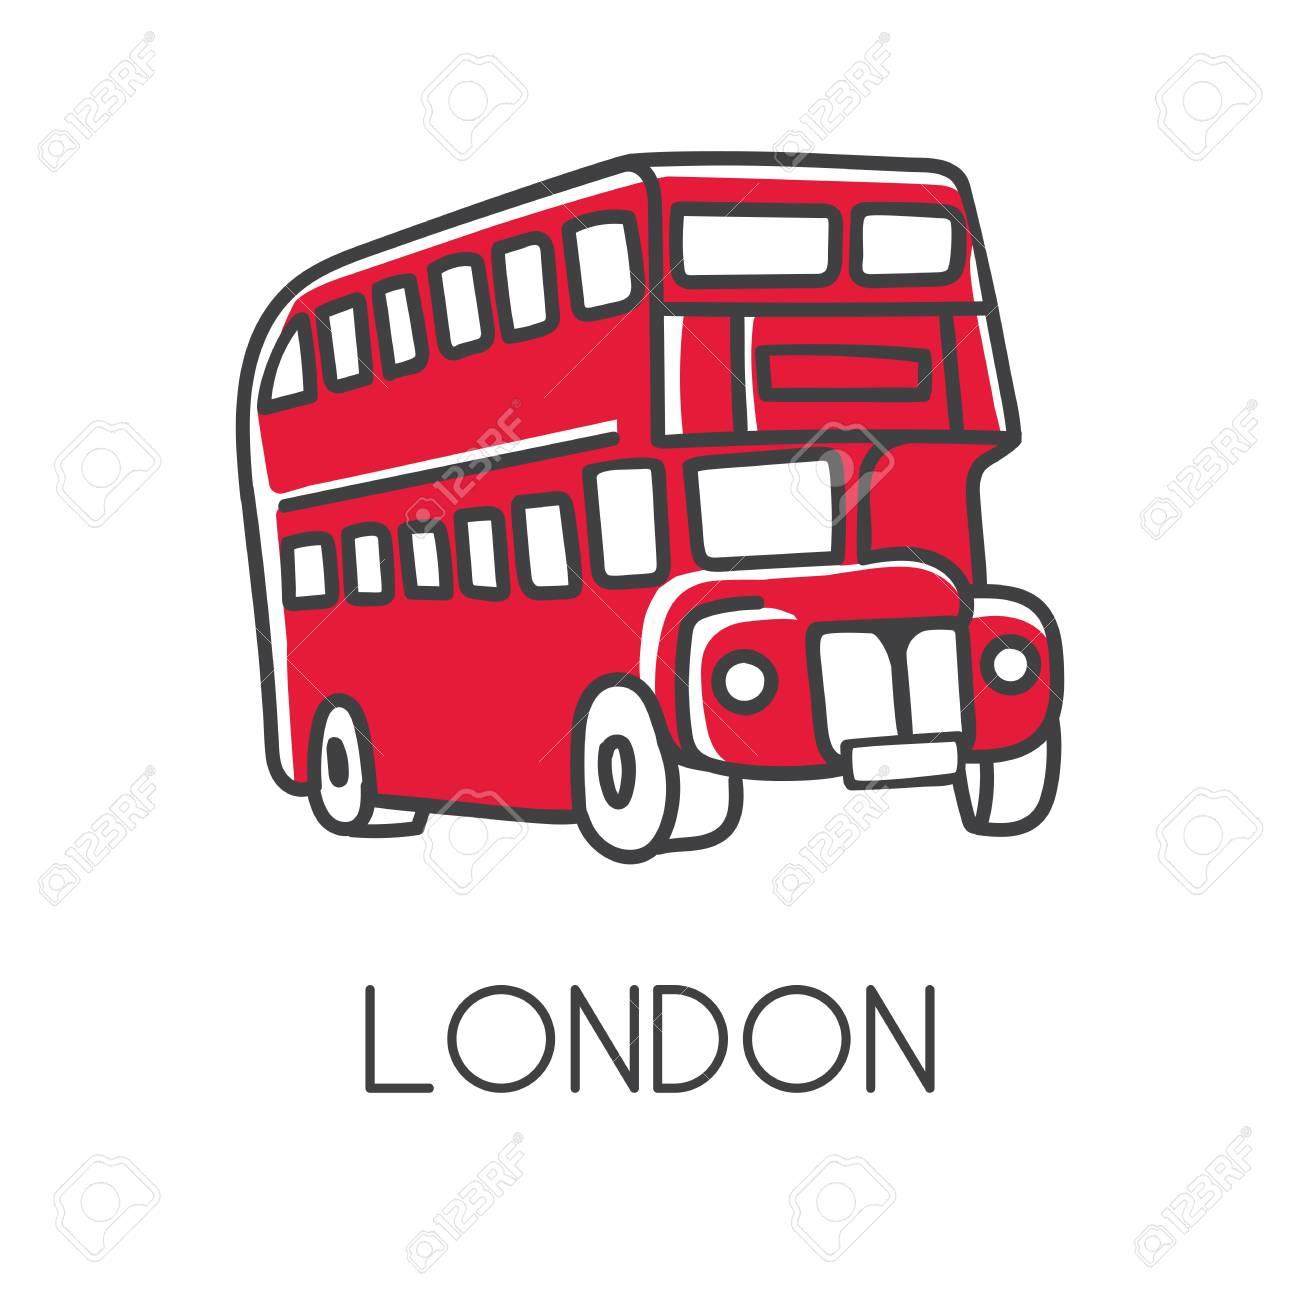 Illustration Vectorielle Moderne Londres Avec Symbole Anglais Doodle Dessiné à La Main Bus Rouge à Deux étages Simple Esquisse Minimaliste Avec